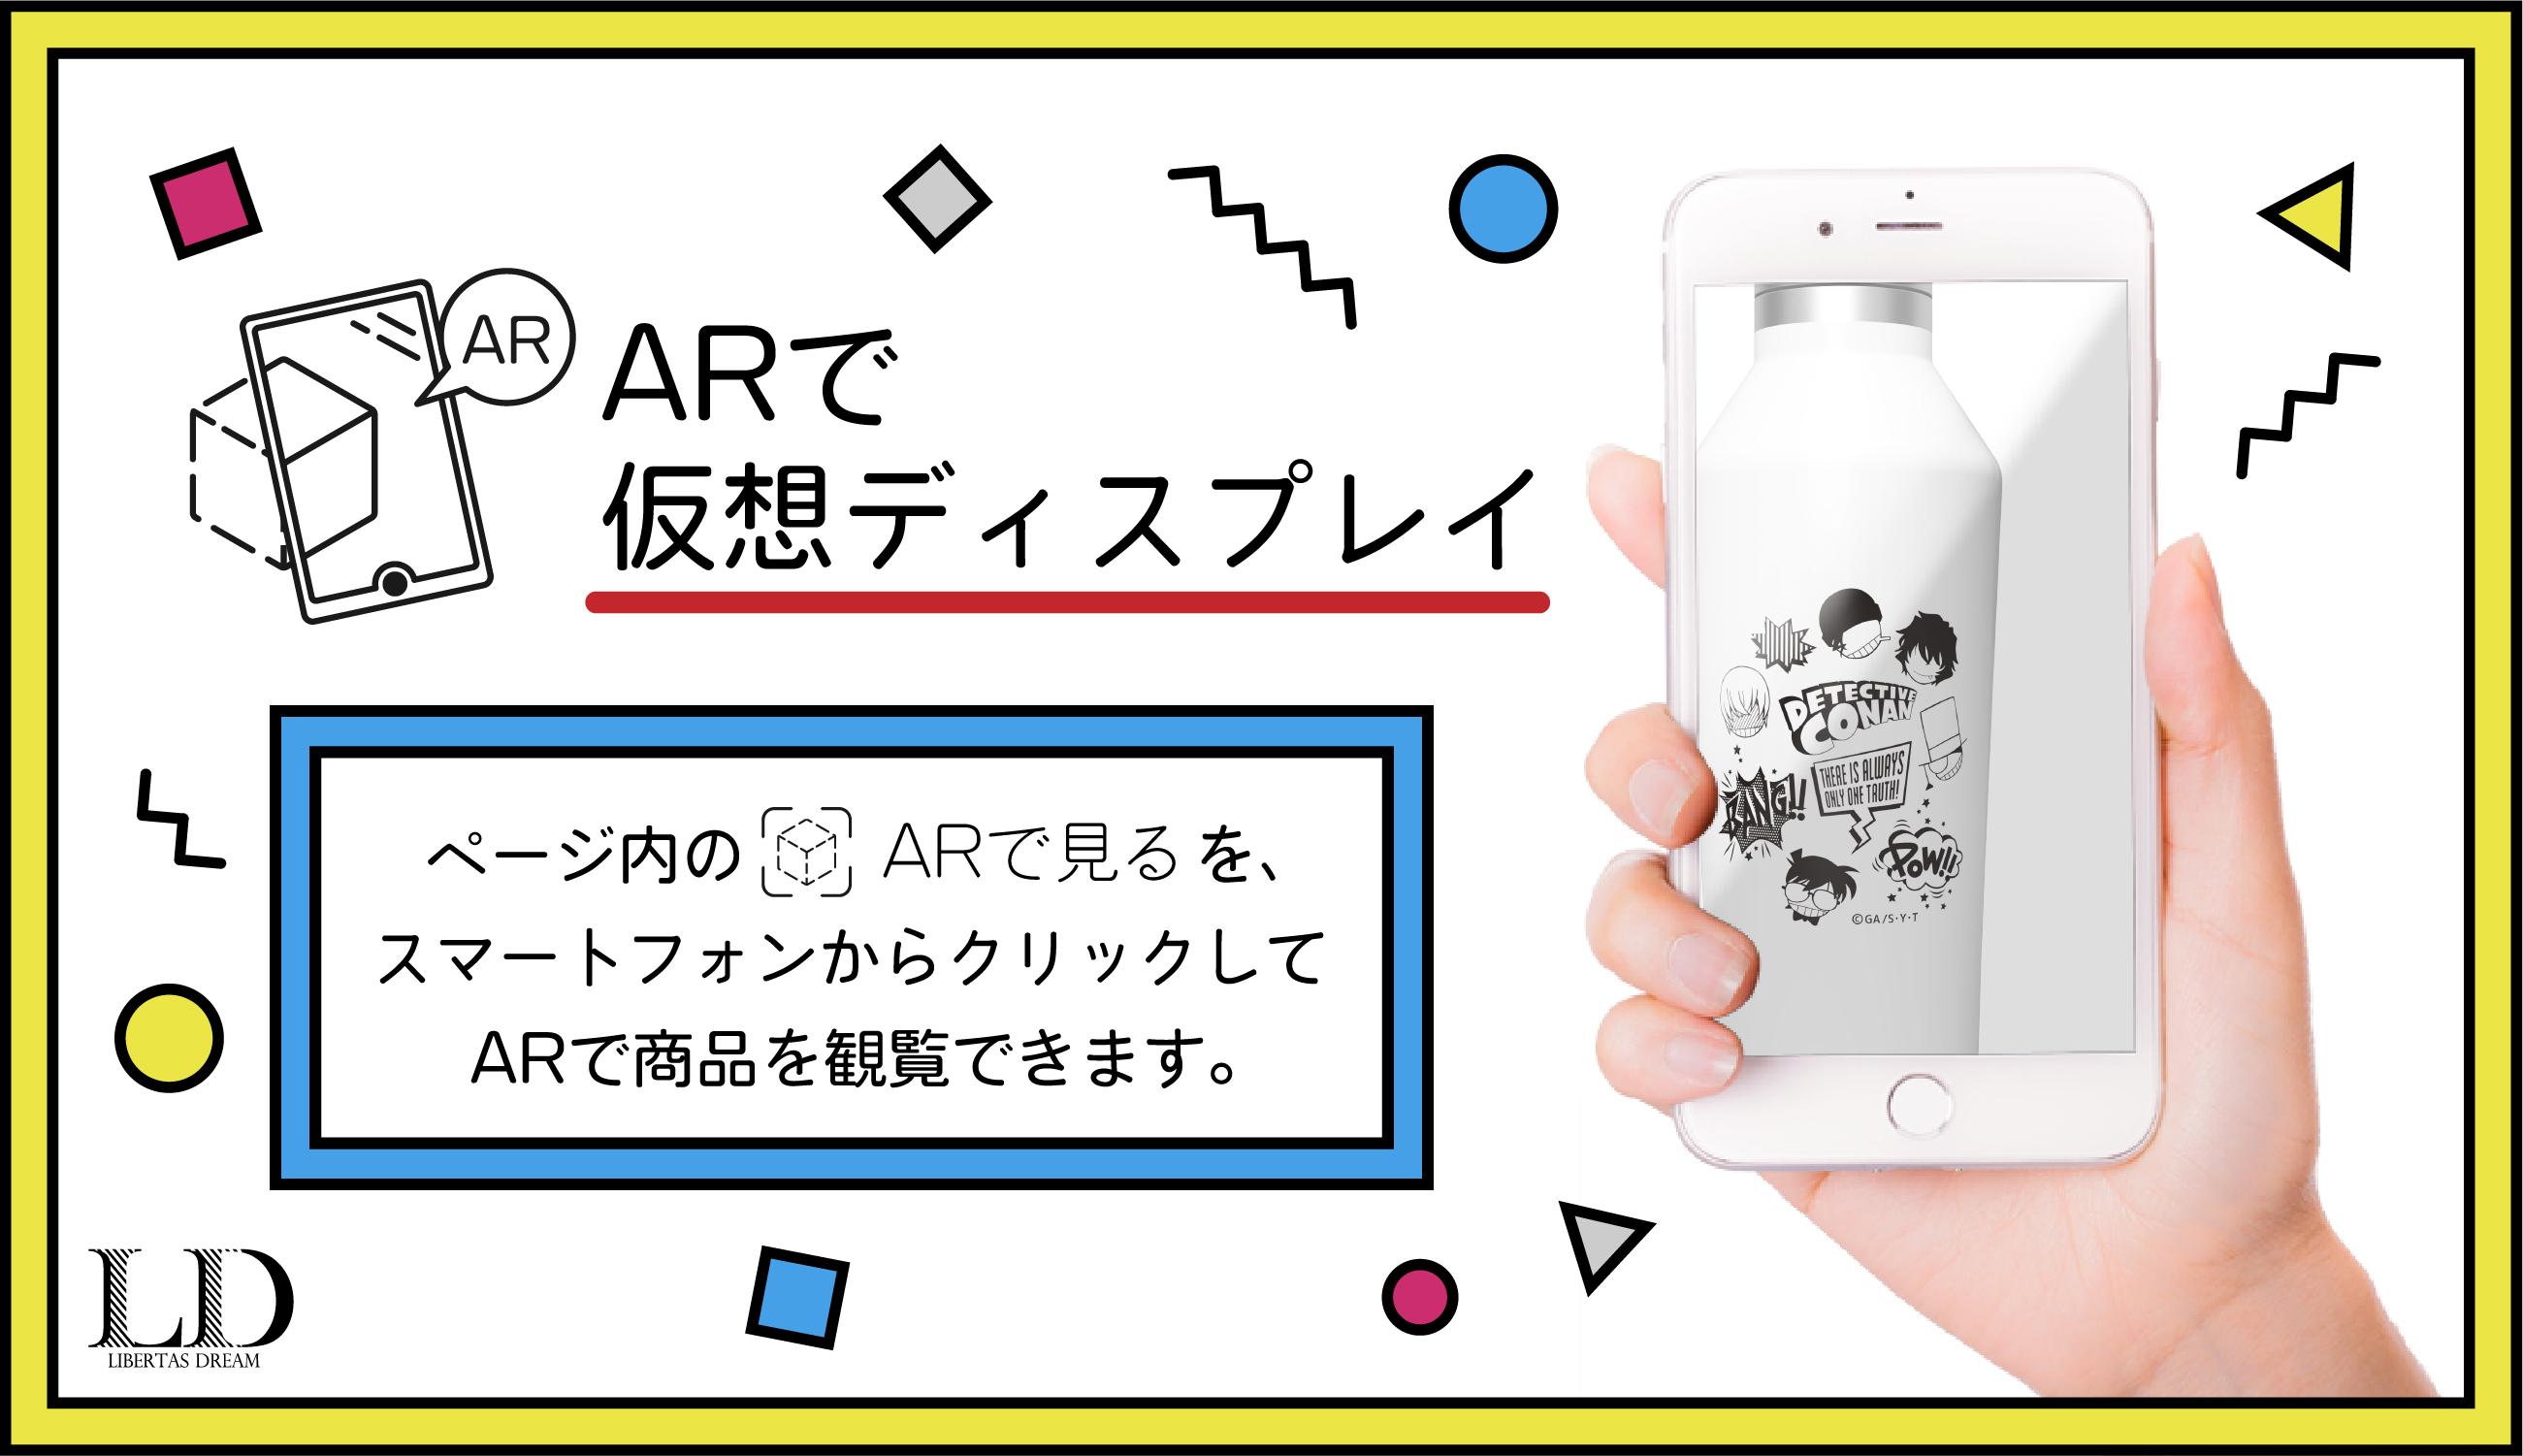 【名探偵コナン / CORKCICLEタンブラー】ARで確認できる商品が追加!